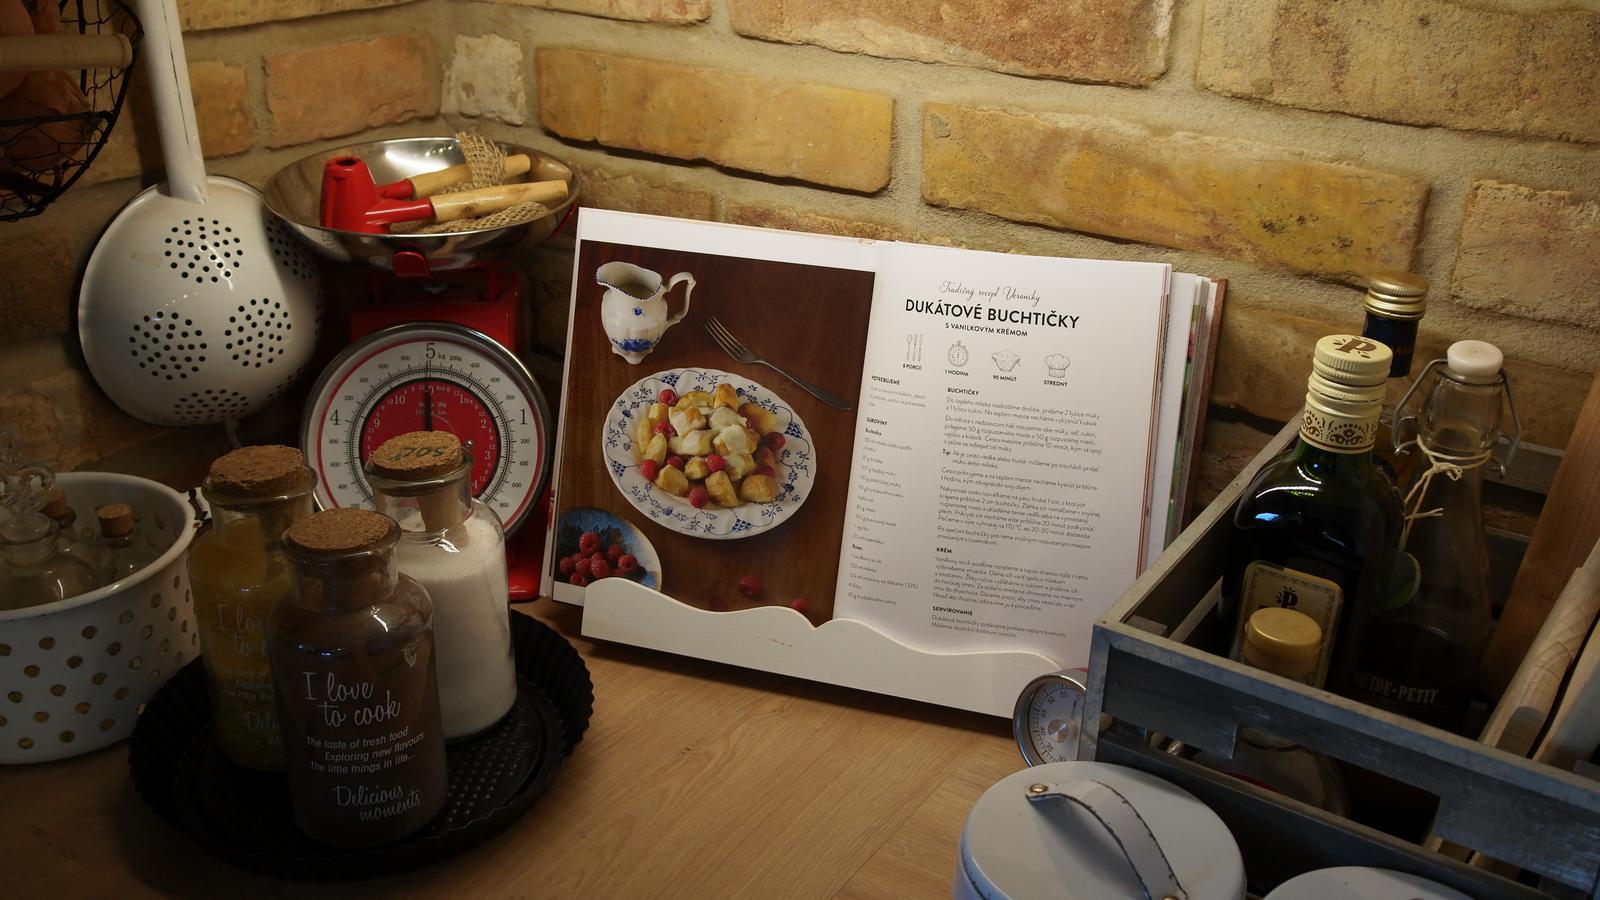 Náš domček ♡ Bramasole ♡ ... Stilo interiér aj exteriér 3. rok bývania - Obrázok č. 38